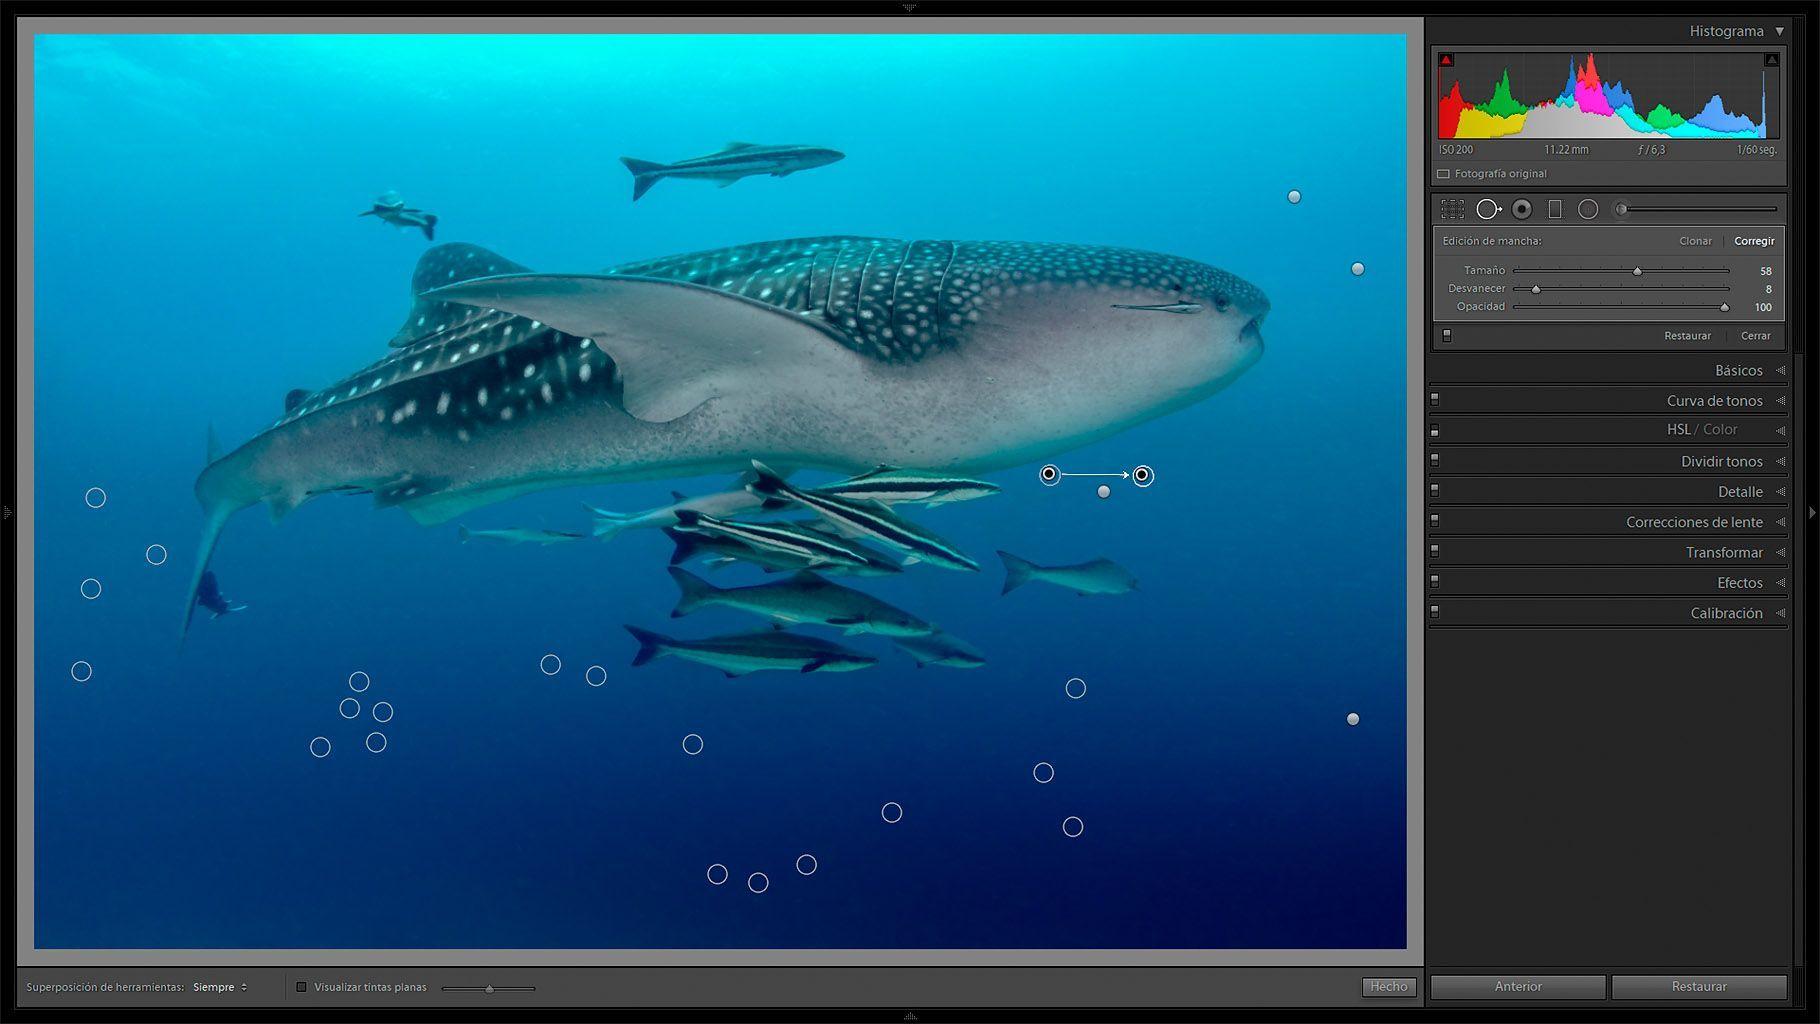 edicion de fotografias submarinas - eliminar manchas